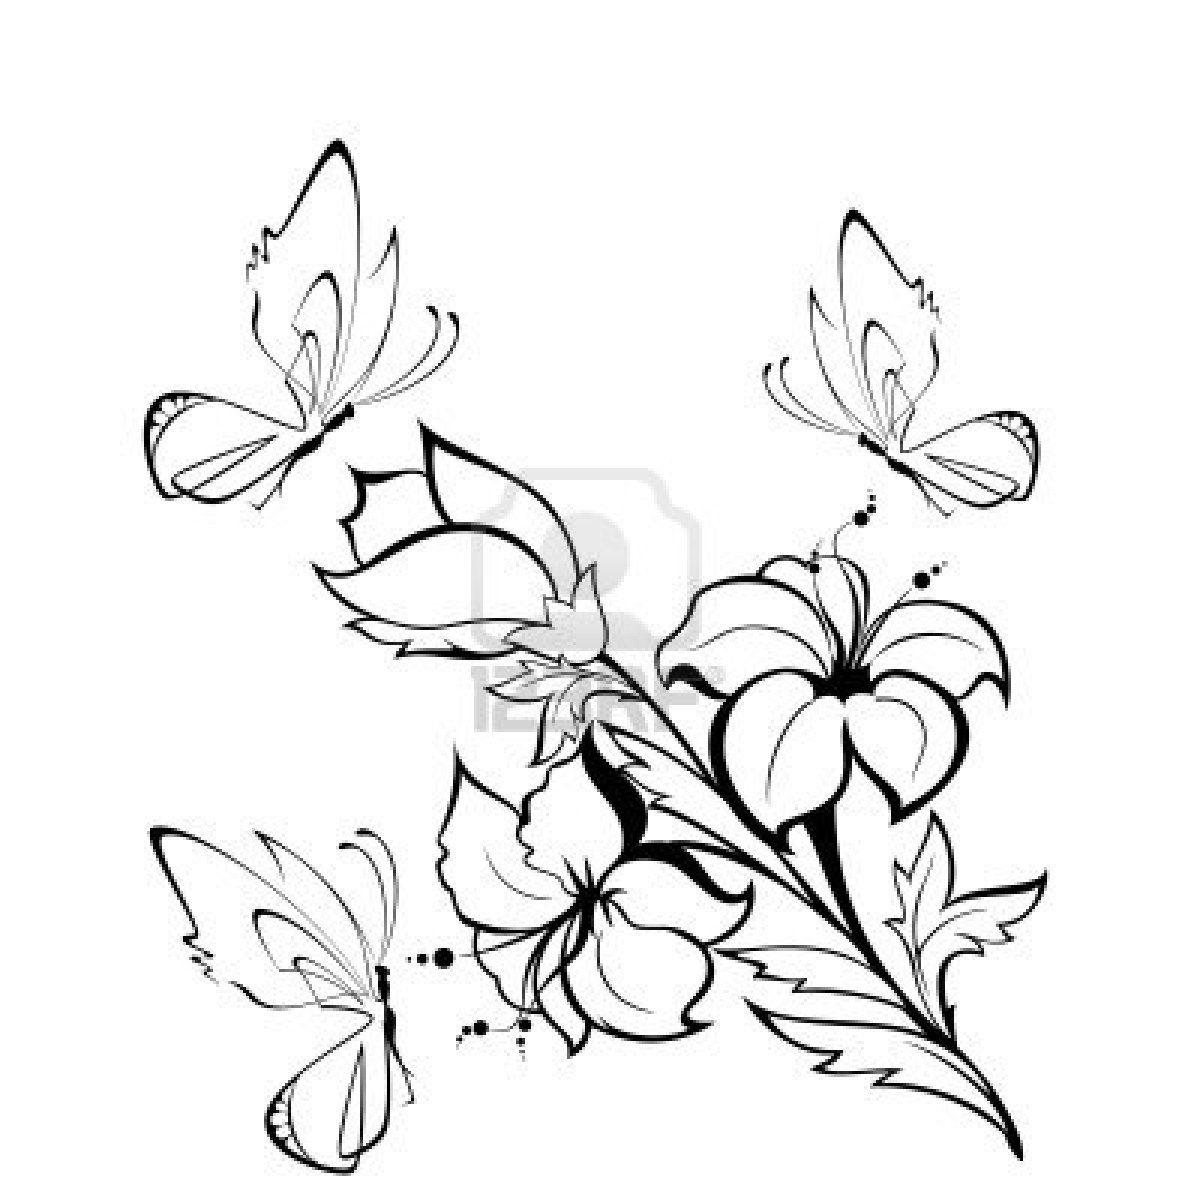 Dibujos de flores | Dibujos para pintar de rosas | Fondos de ...